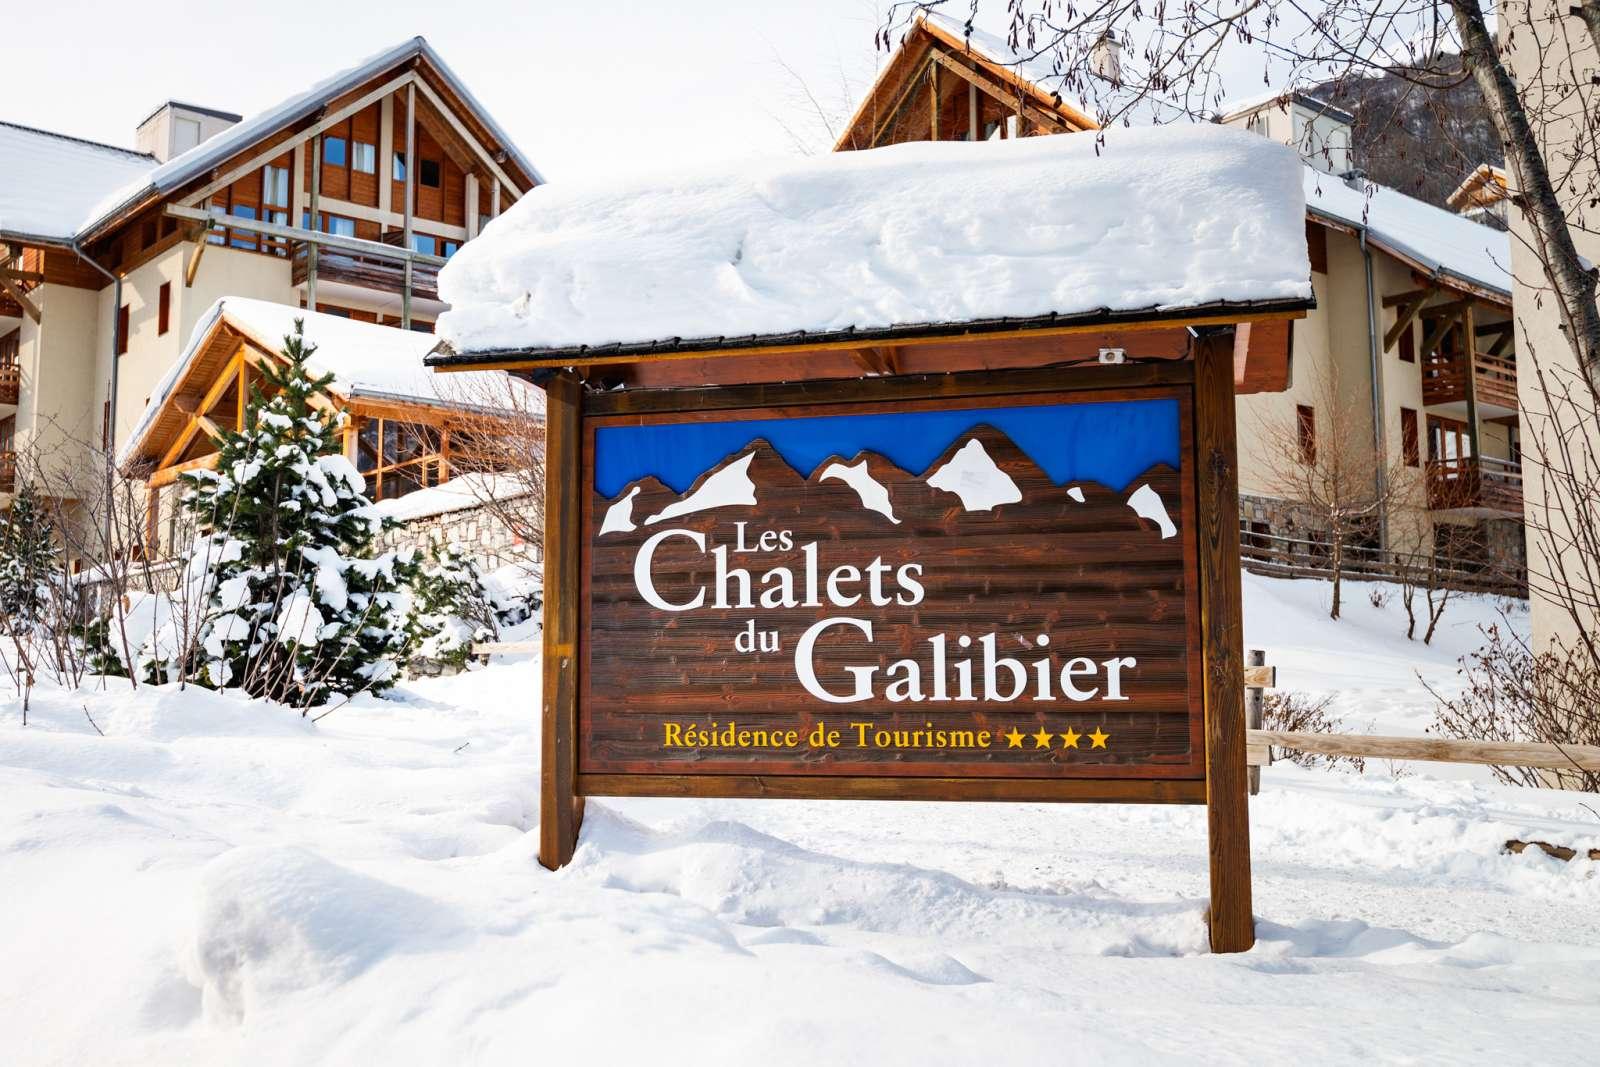 France - Alpes - Valloire - Résidence Lagrange Vacances Les Chalets du Galibier